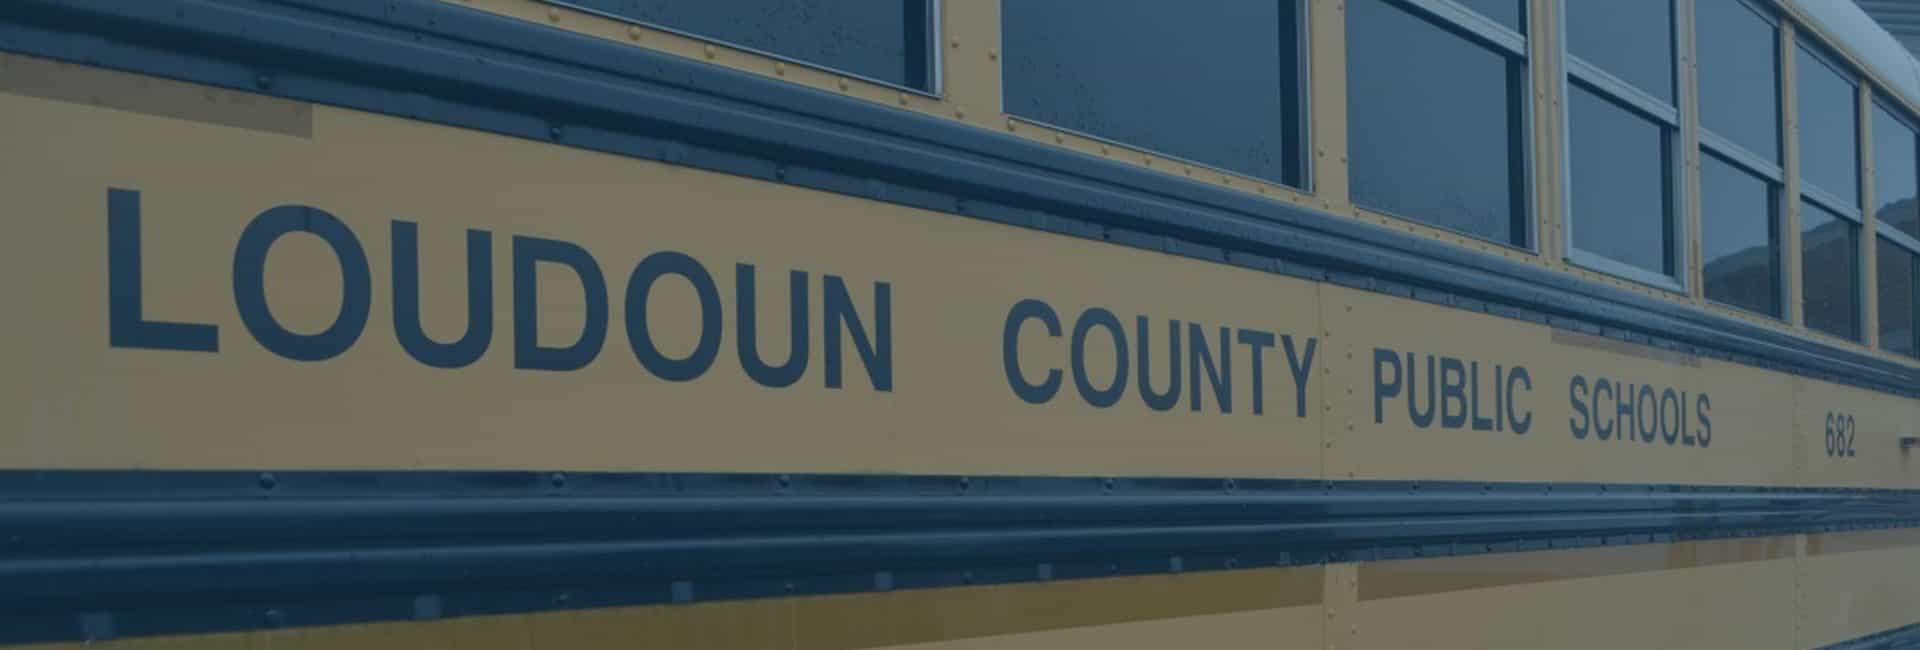 Loudoun County, VA Public Schools